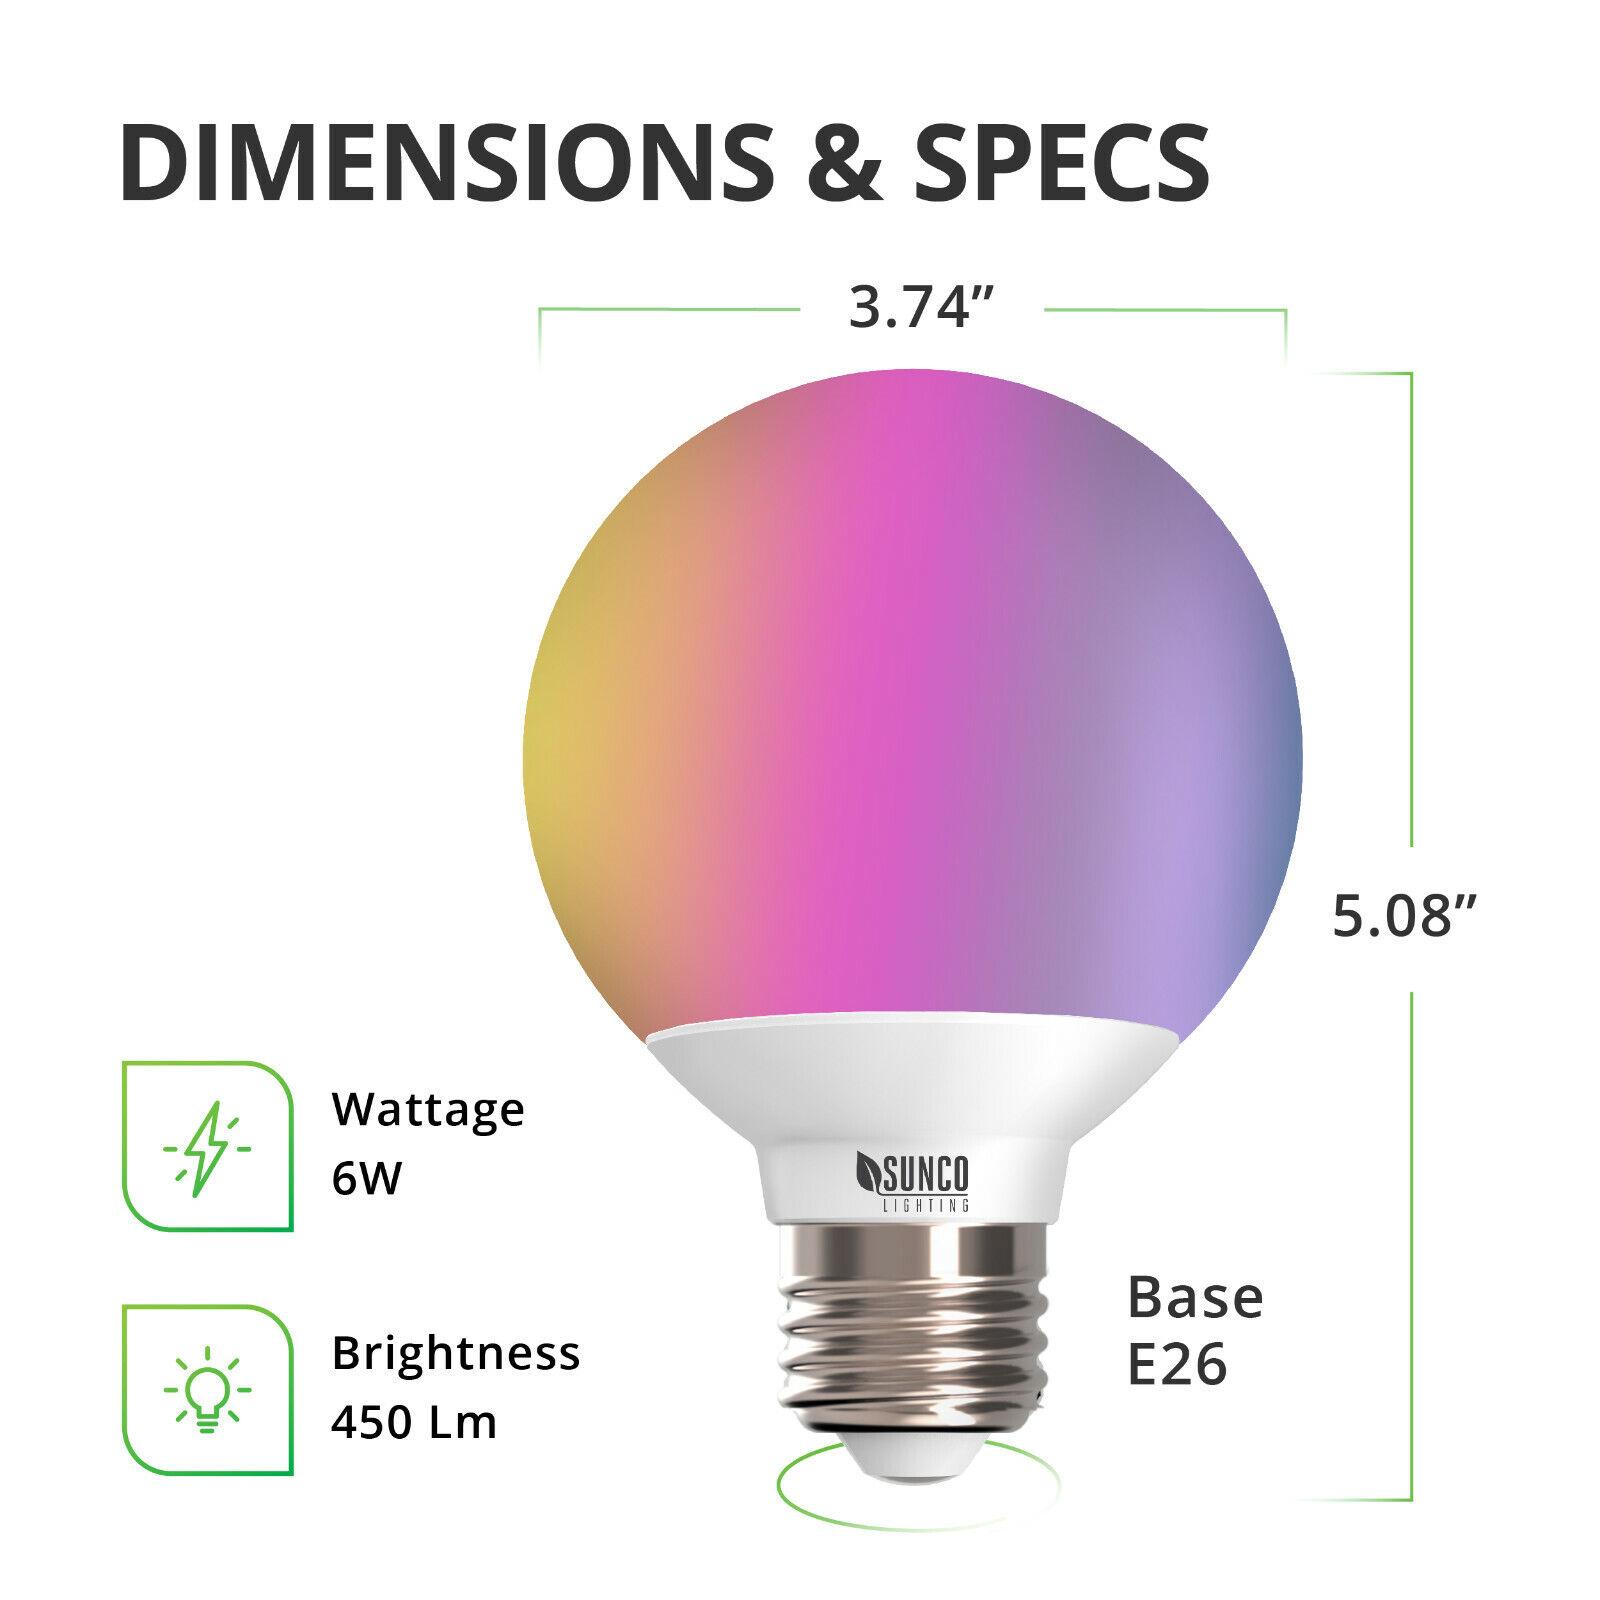 SunCo Iluminación Bombilla Led Smart G25 Wifi Música Sincronización Alexa + 14pk compatible con Google